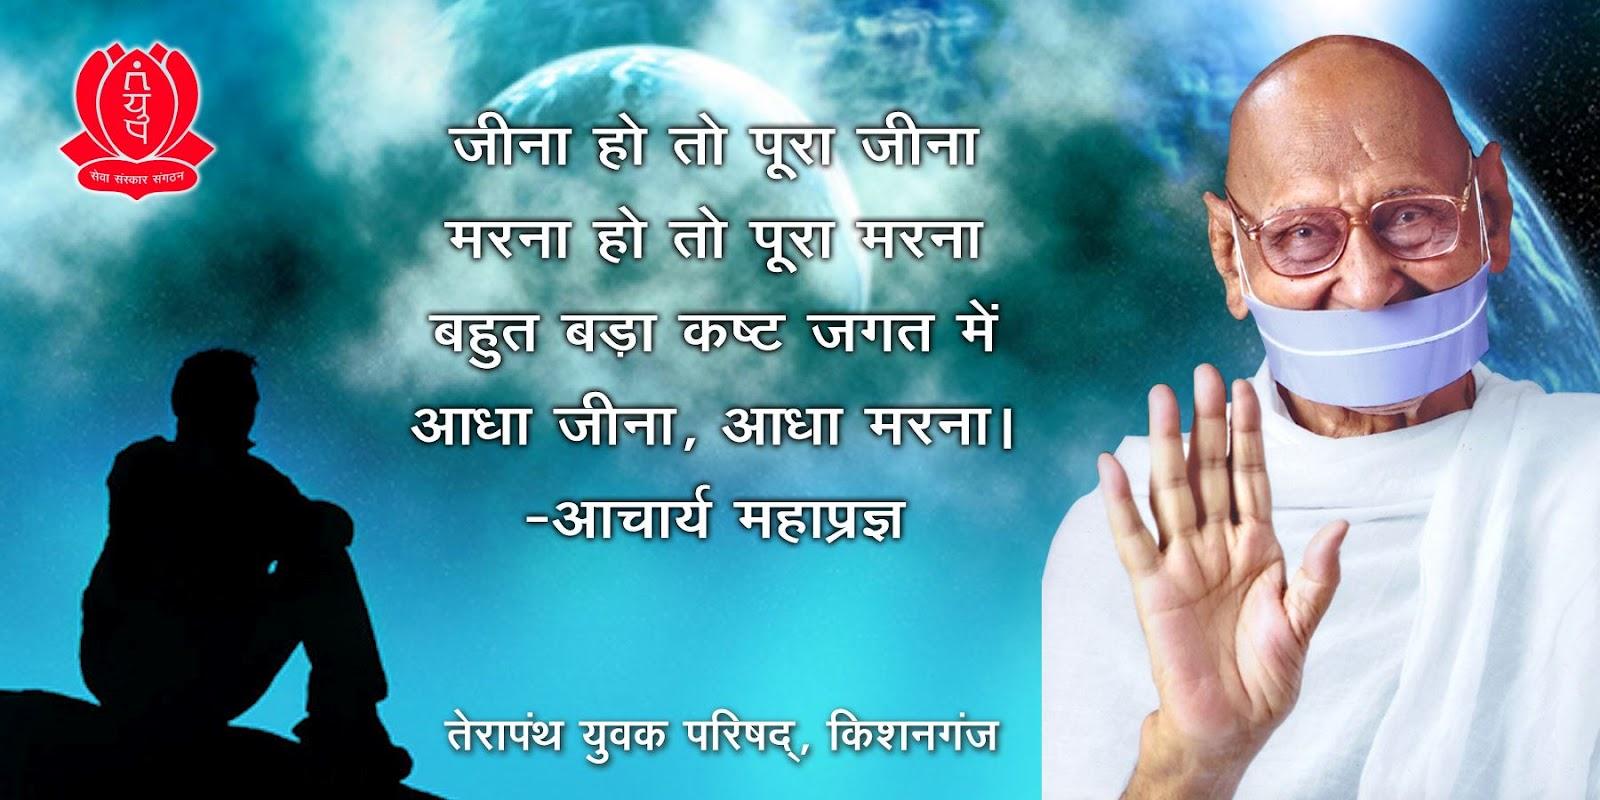 guru sishya the relationship